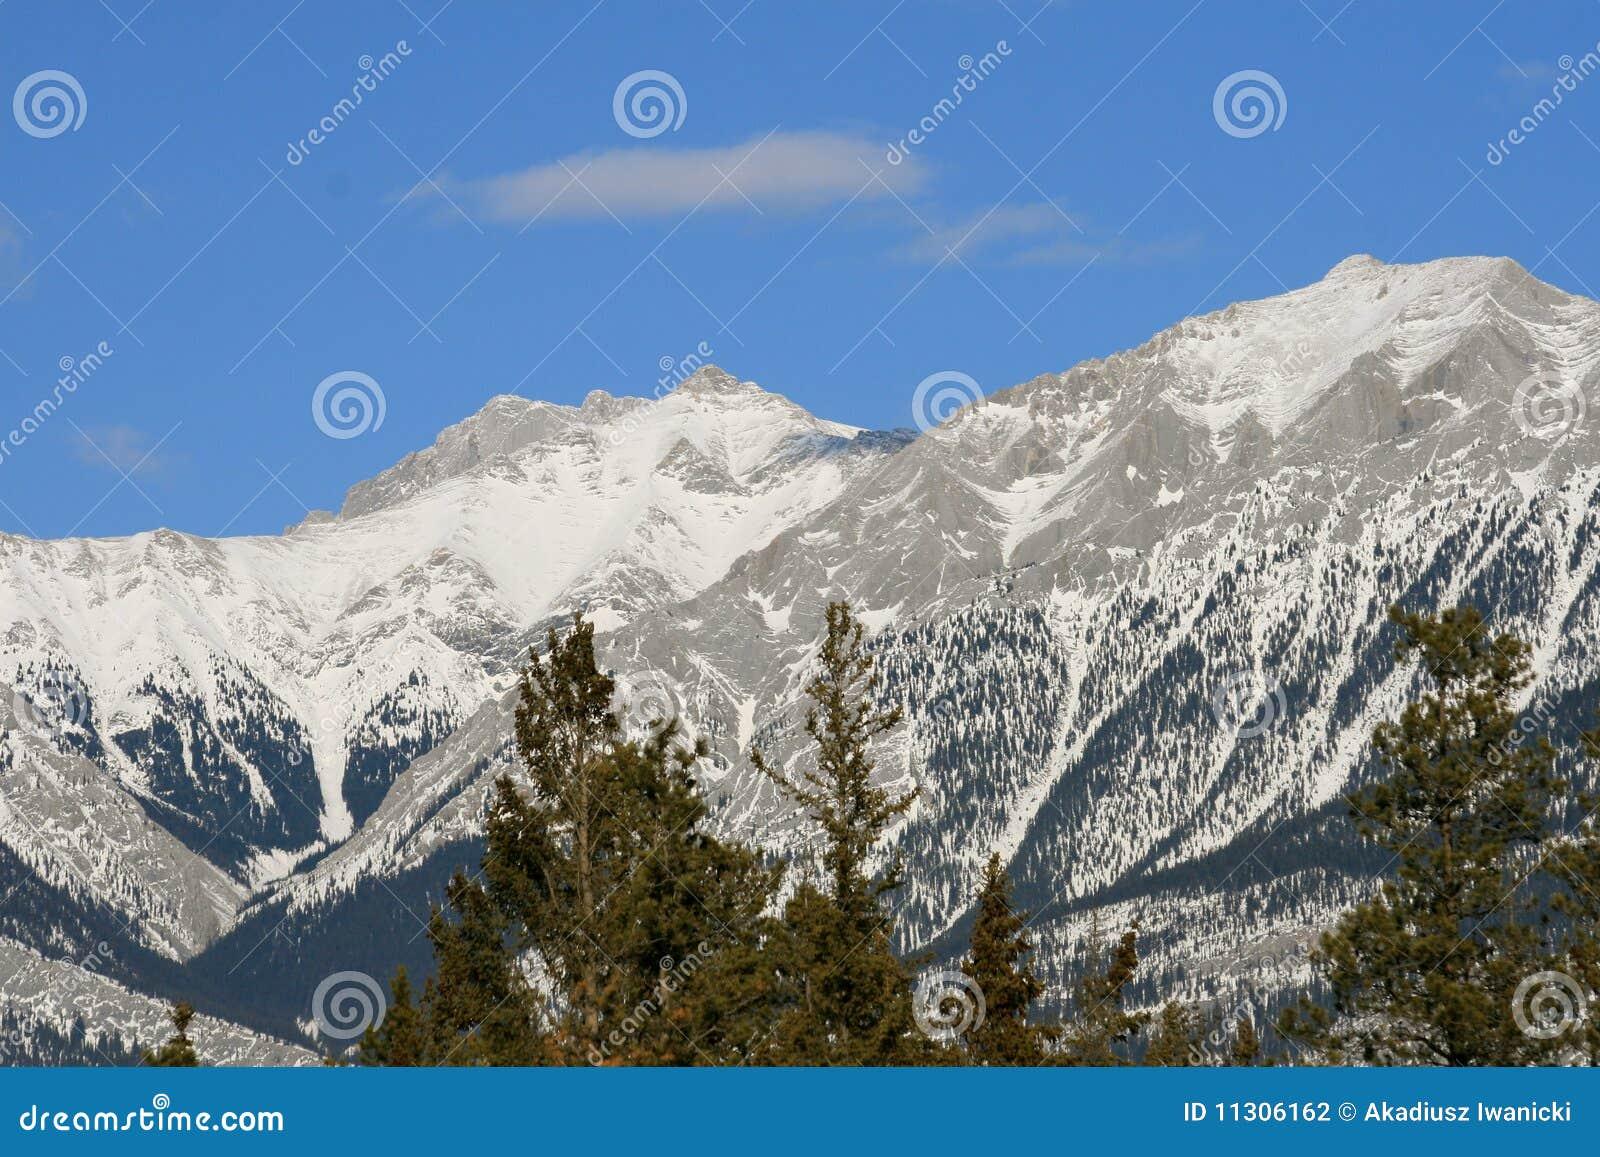 Kanadische felsige Berge